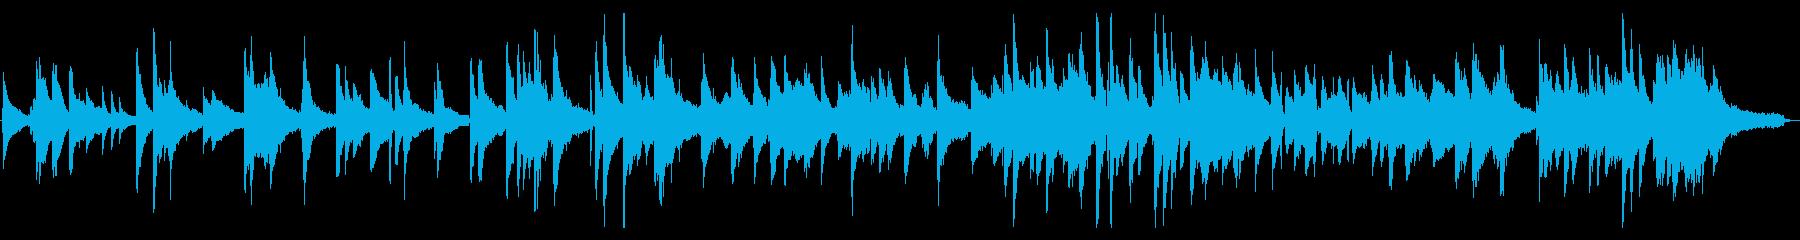 輝かしい響き~ハートフルなピアノ楽曲の再生済みの波形